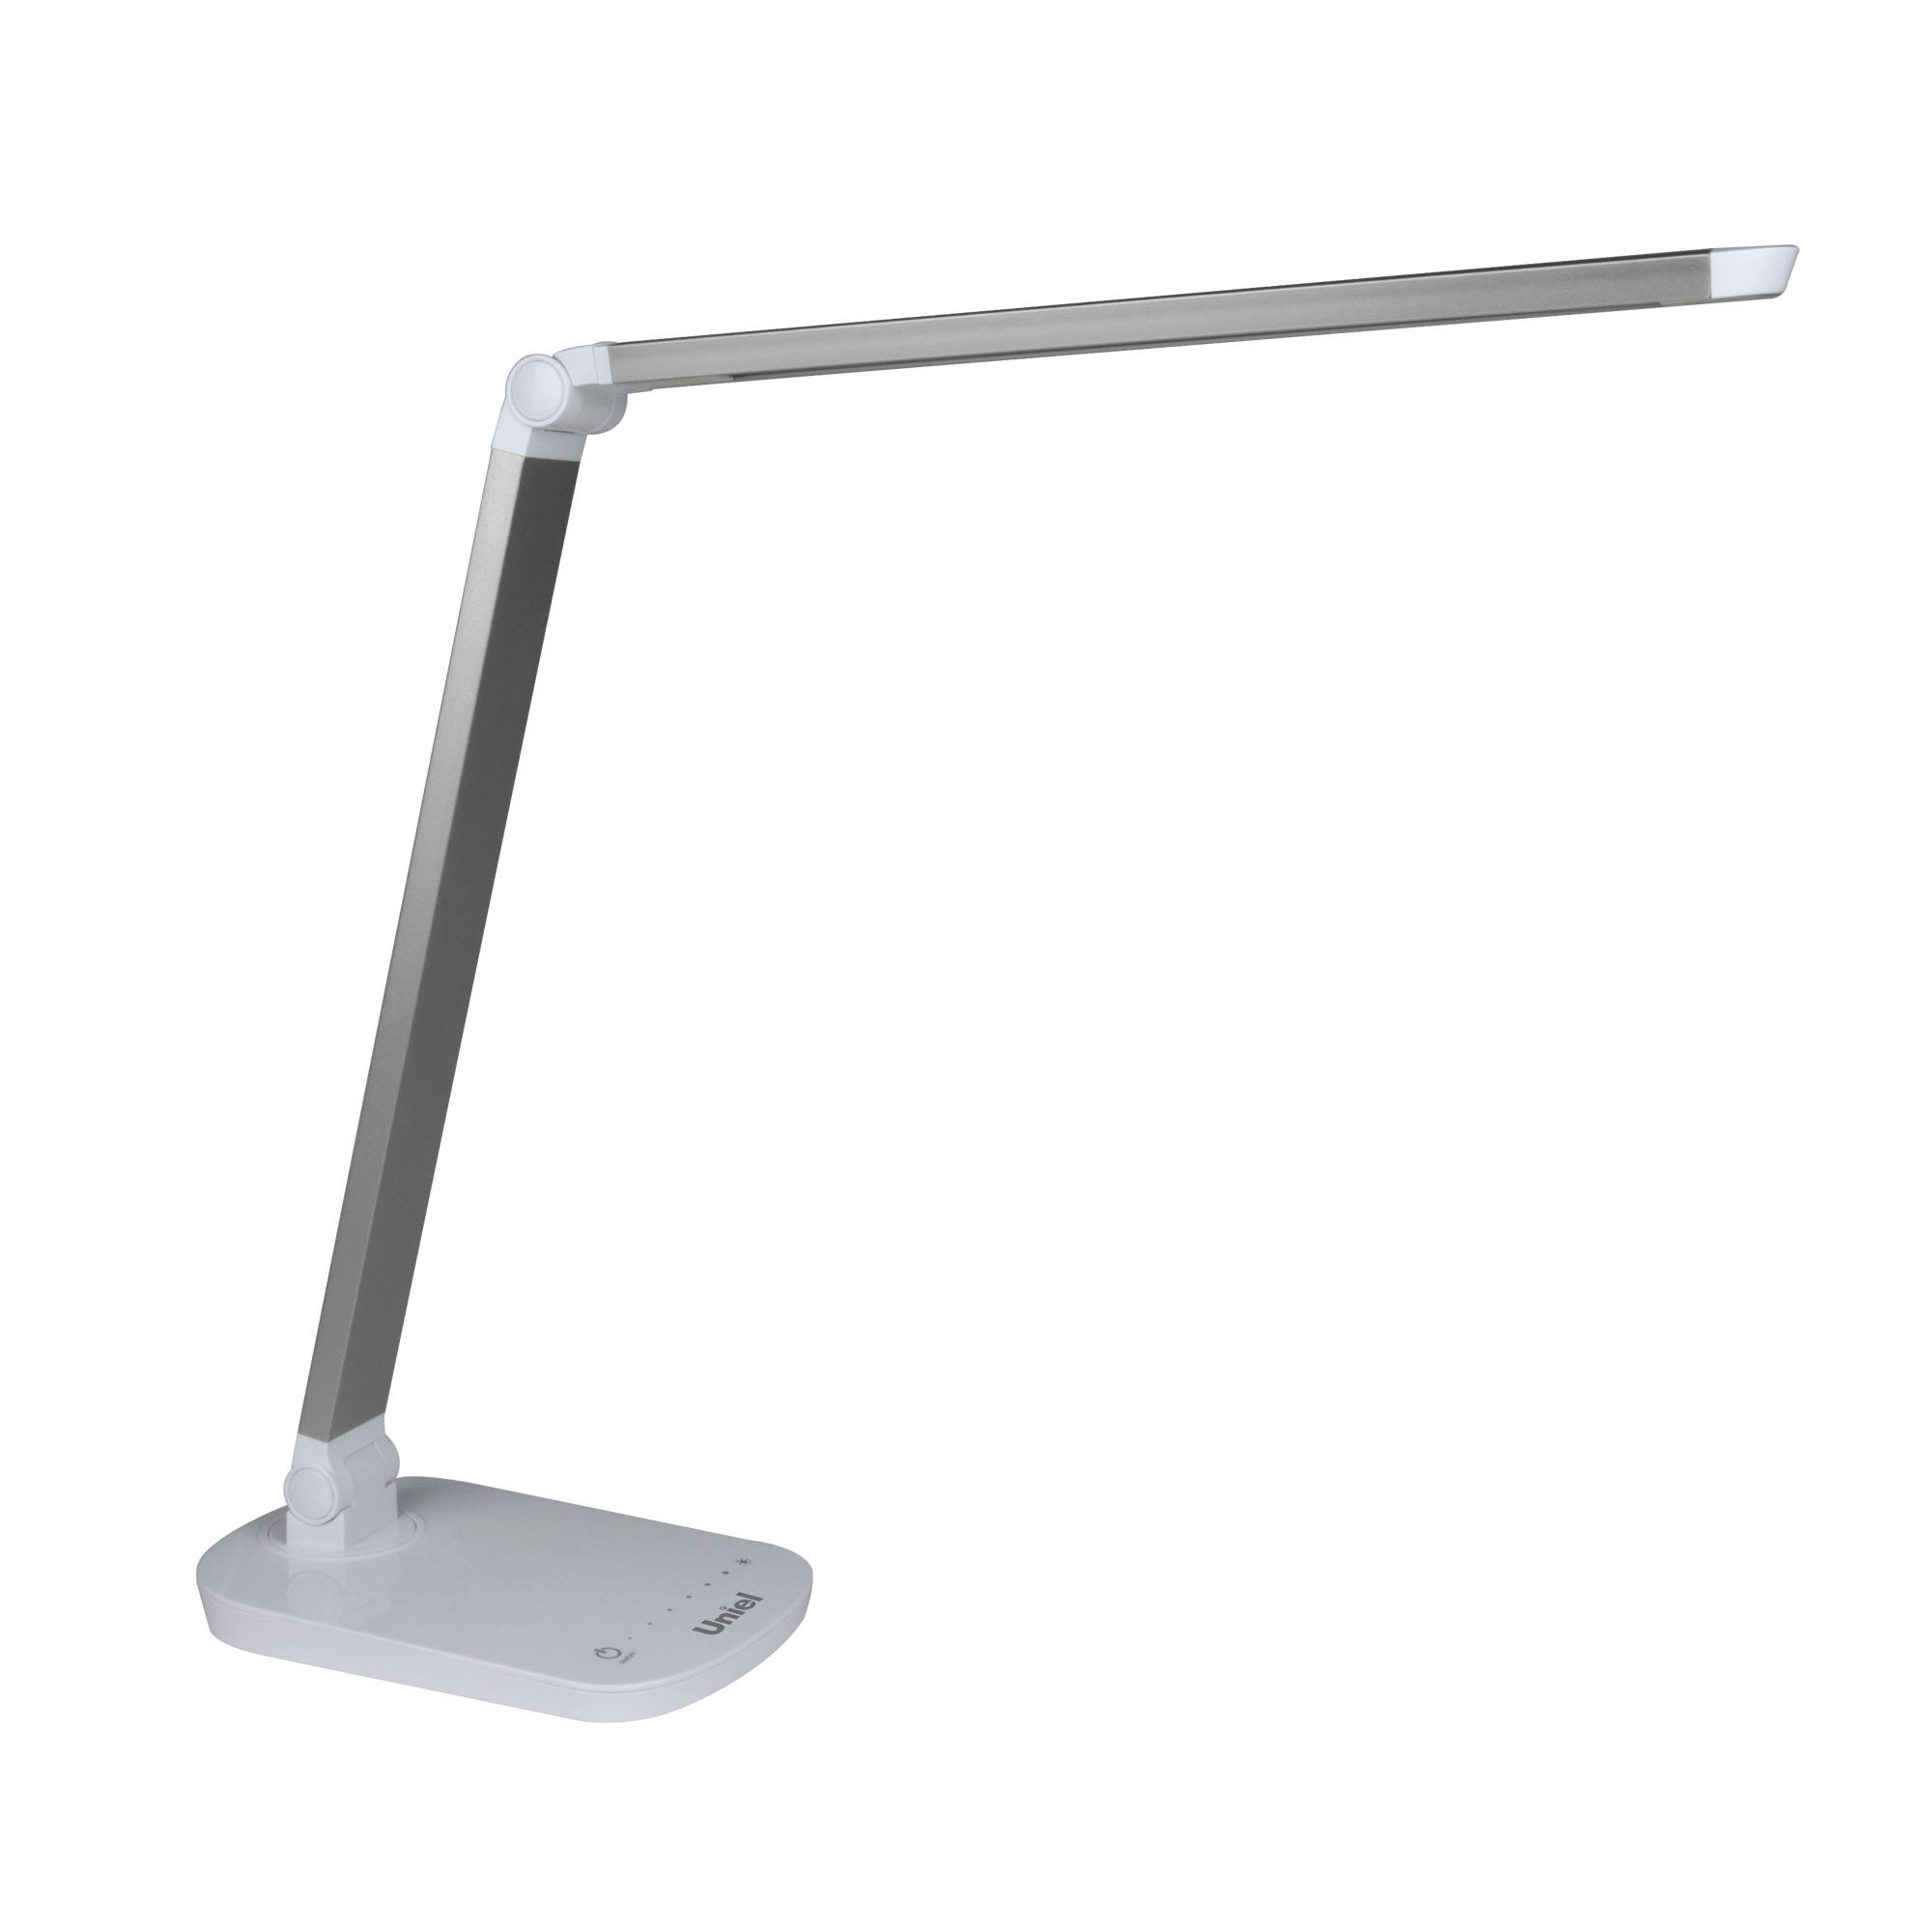 Лампа настольная Uniel Tld-521 silver/led/800lm/5000k/dimmer uniel настольная лампа uniel tld 521 blue led 800lm 5000k dimmer 10084